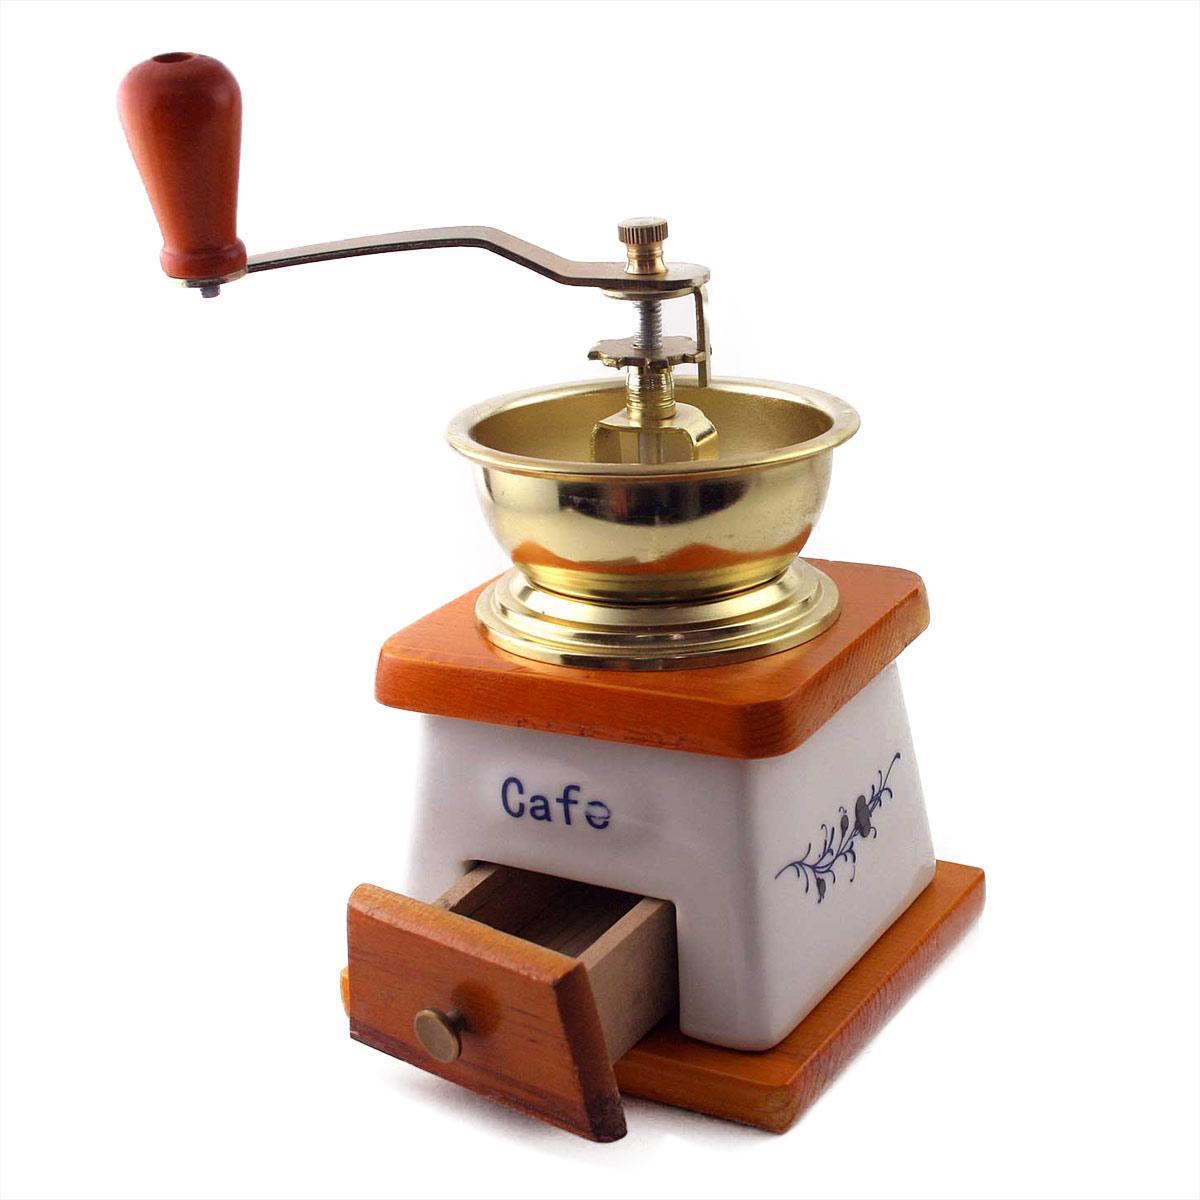 keramik kaffeem hle antik nostalgie retro design kaffee m hle funktioniert ebay. Black Bedroom Furniture Sets. Home Design Ideas